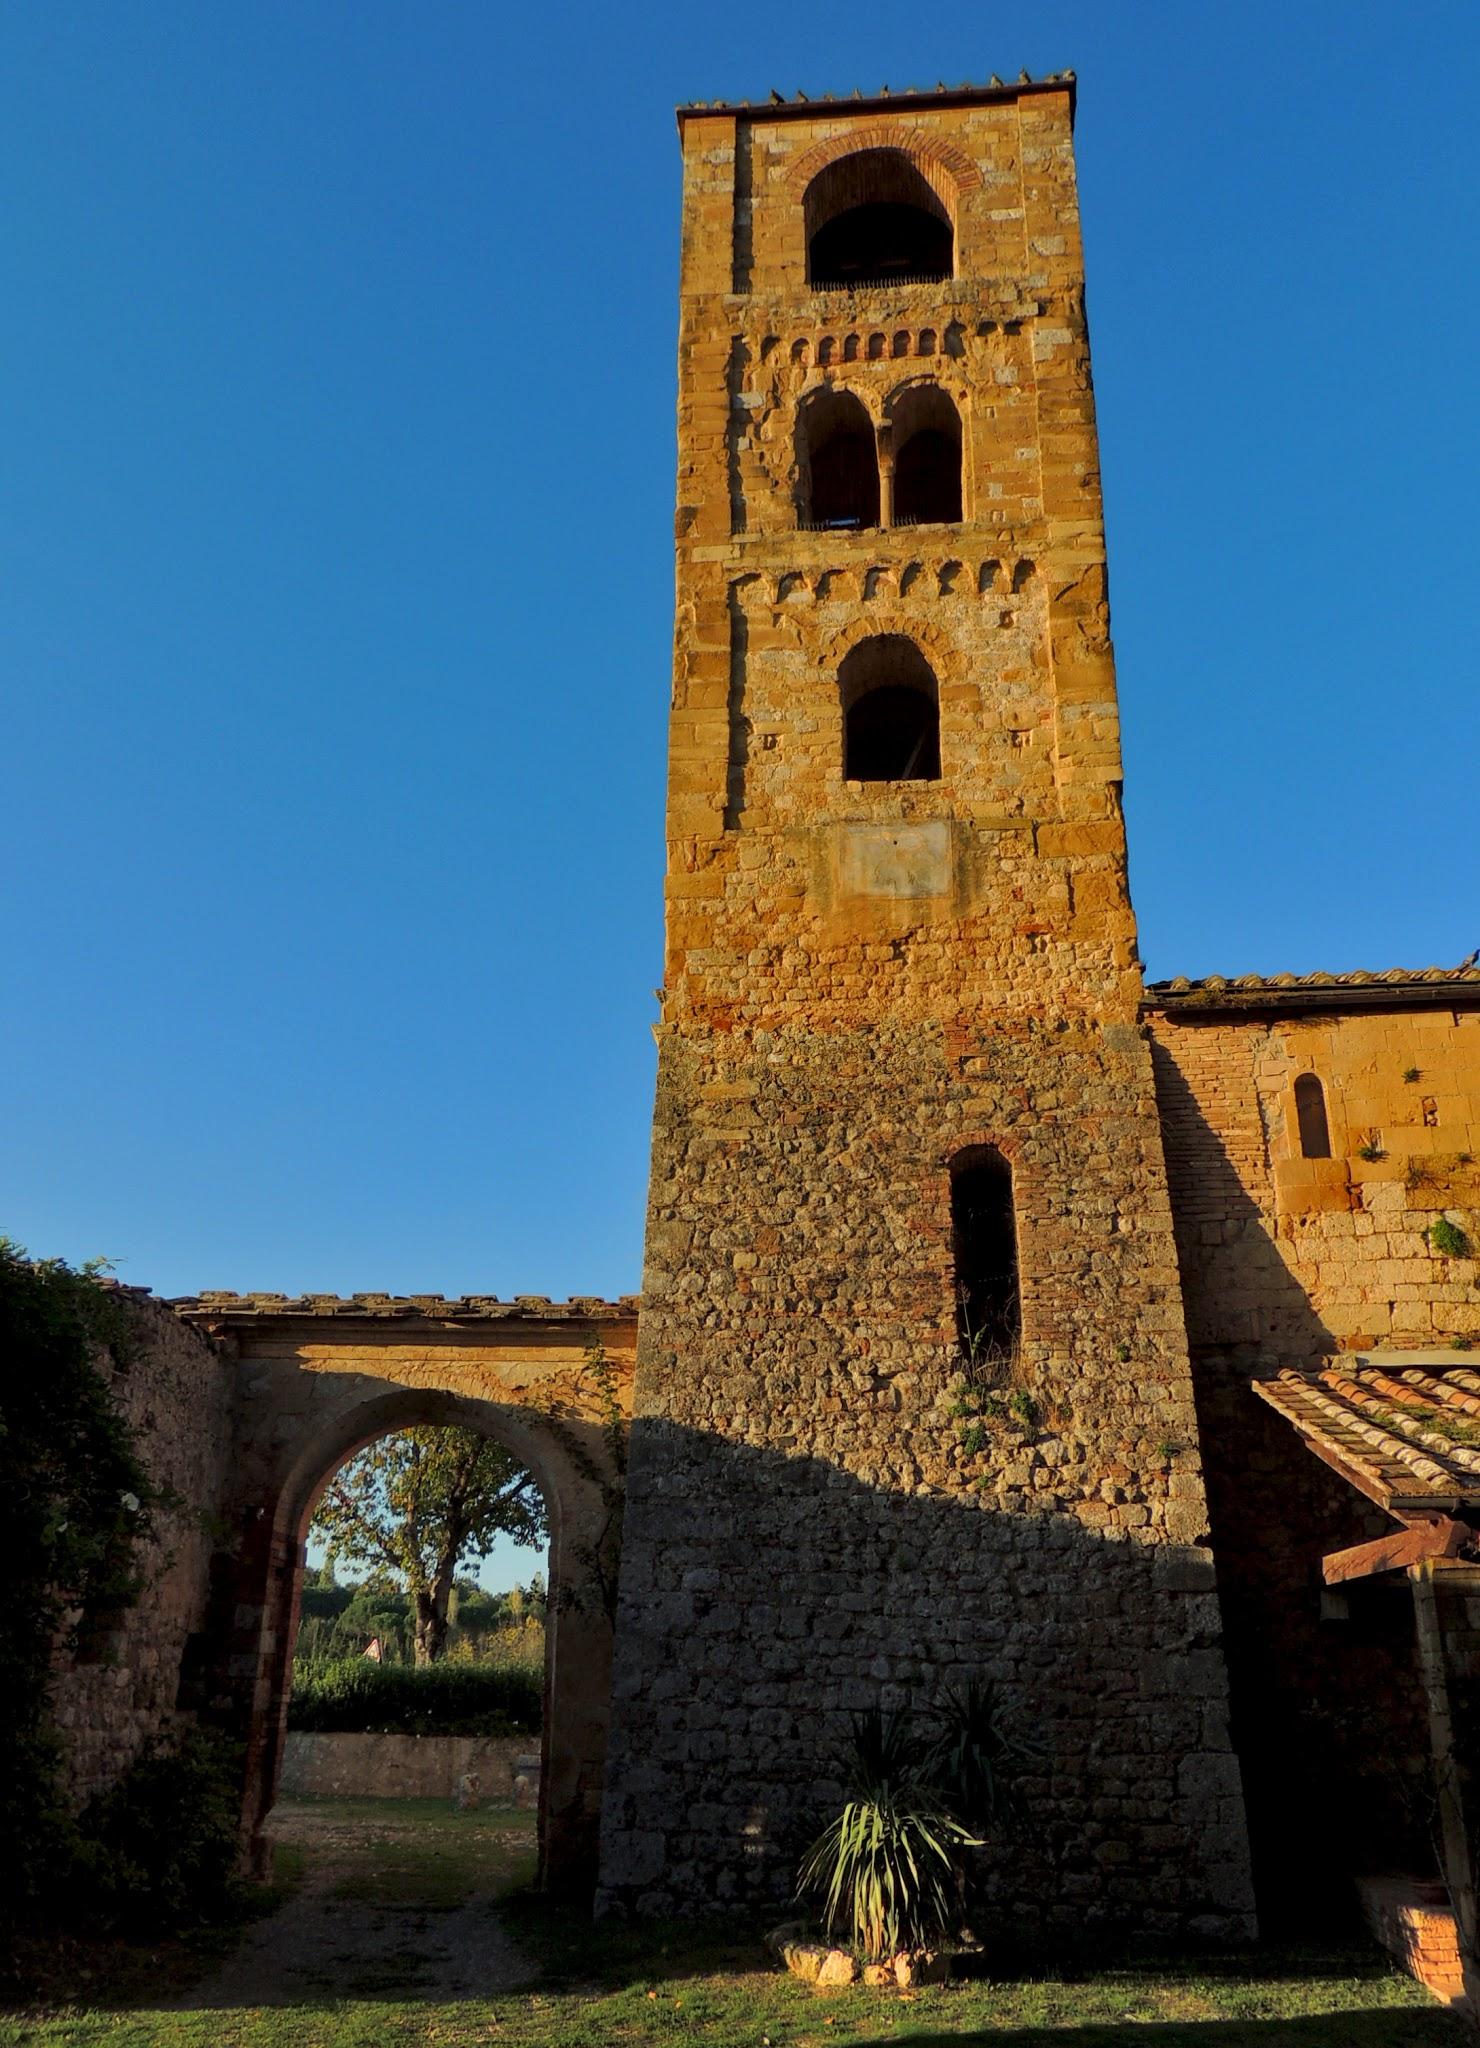 Ponte allo Spino campanile